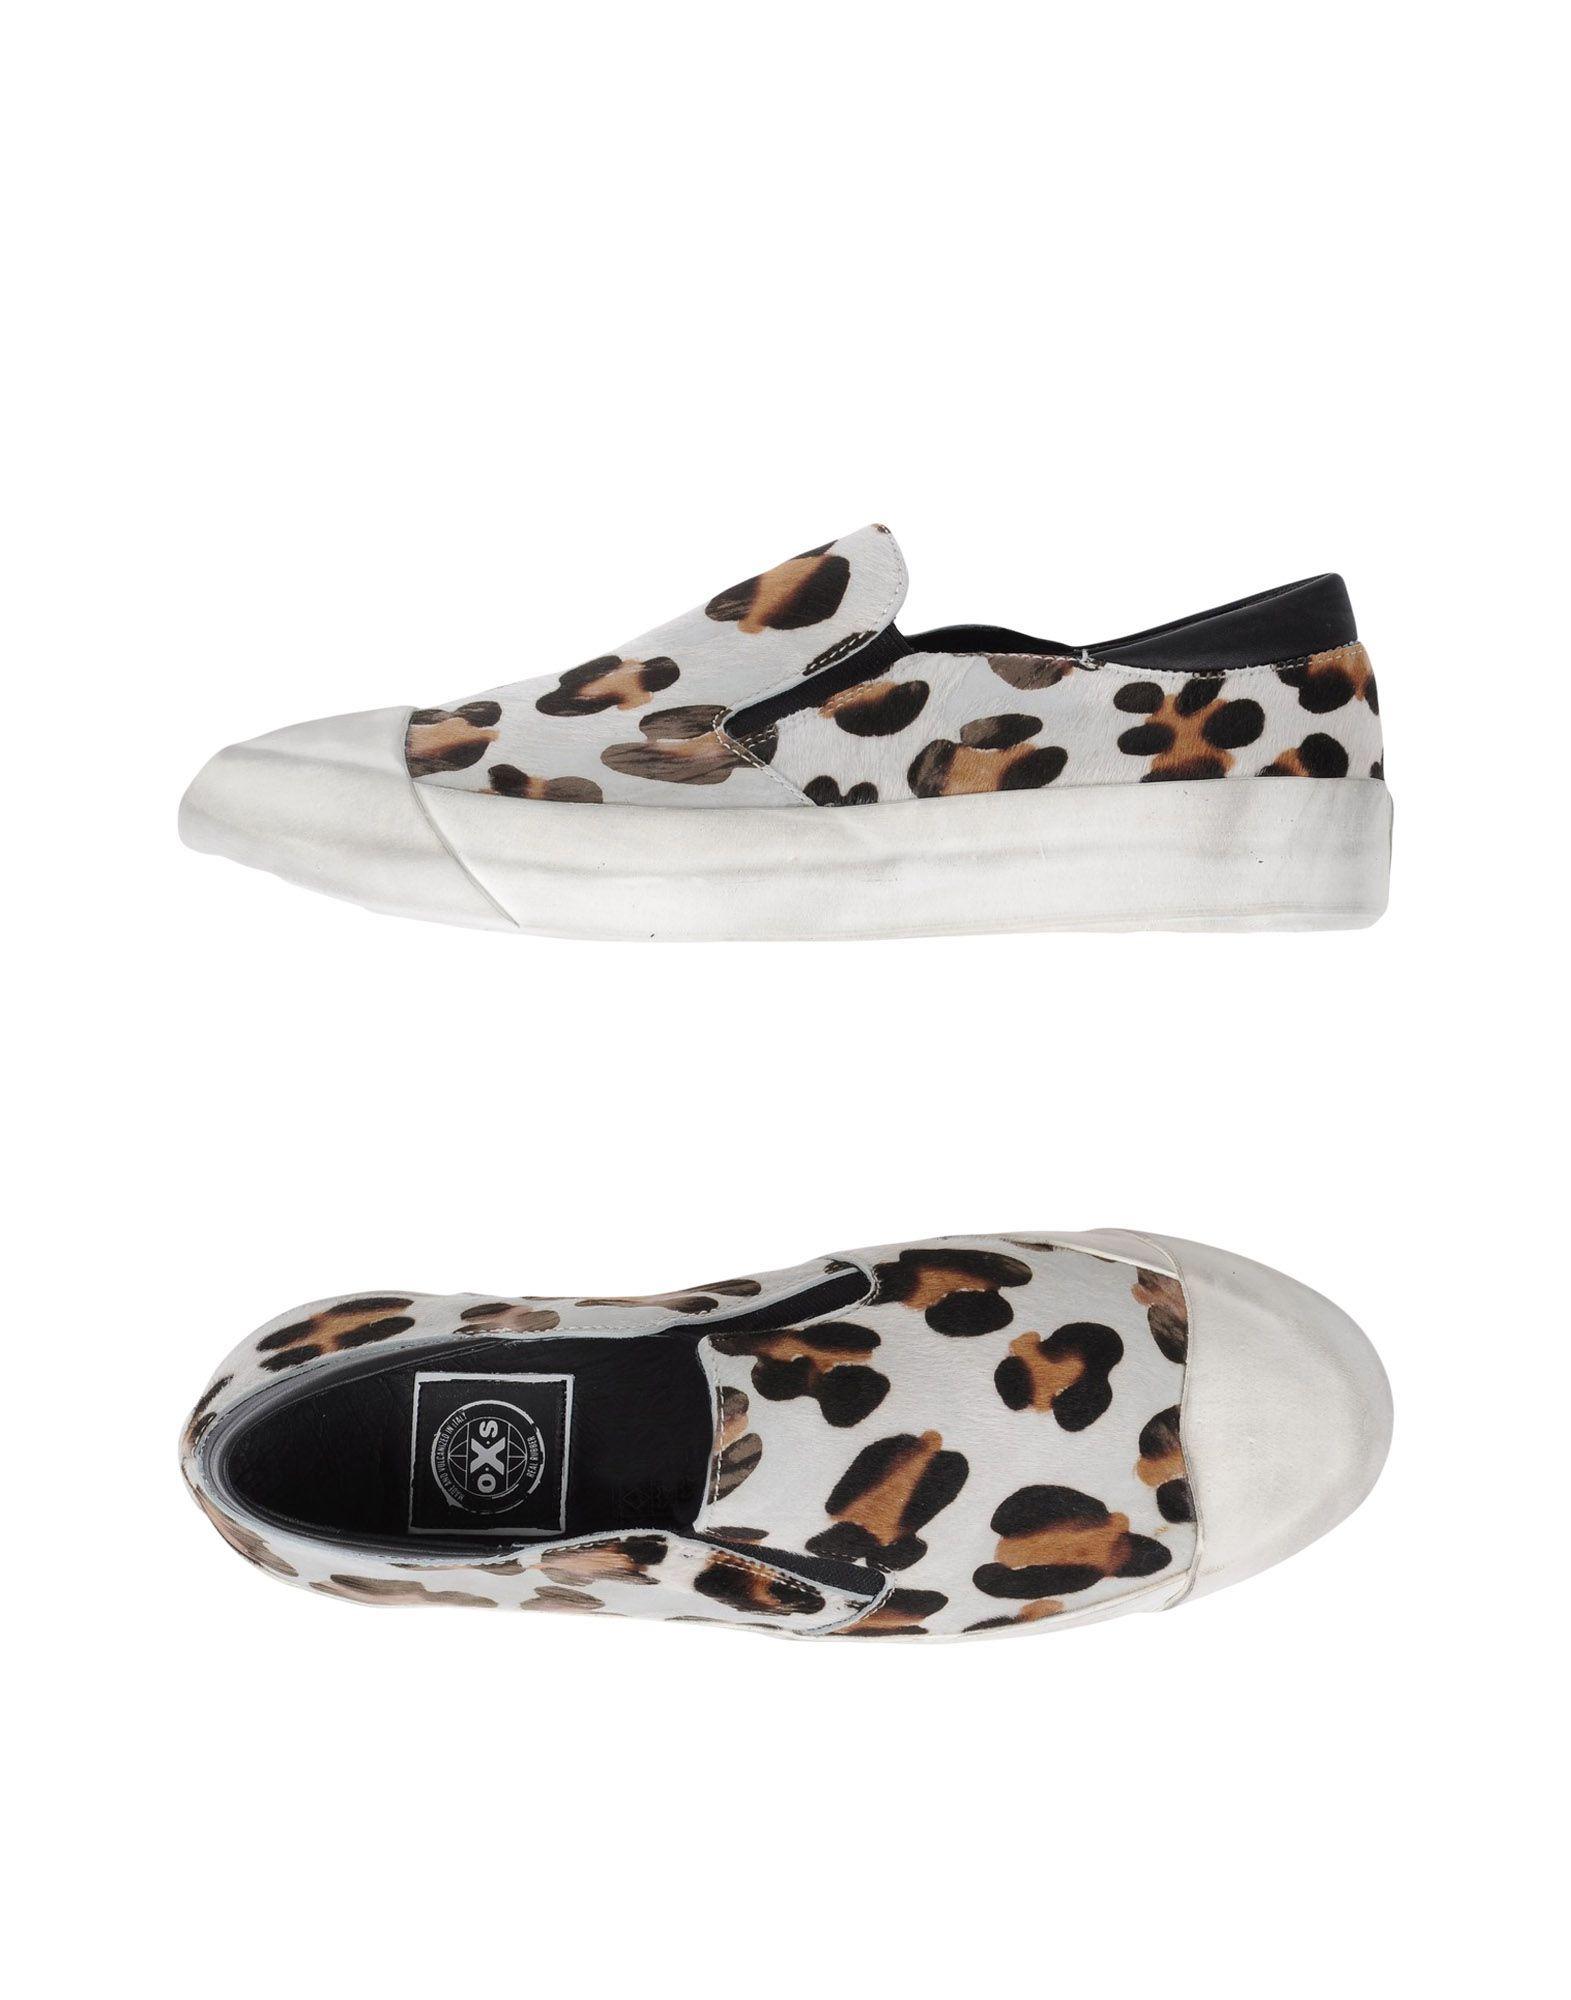 O.X.S. Sneakers Damen  11314518KV Gute Qualität beliebte Schuhe